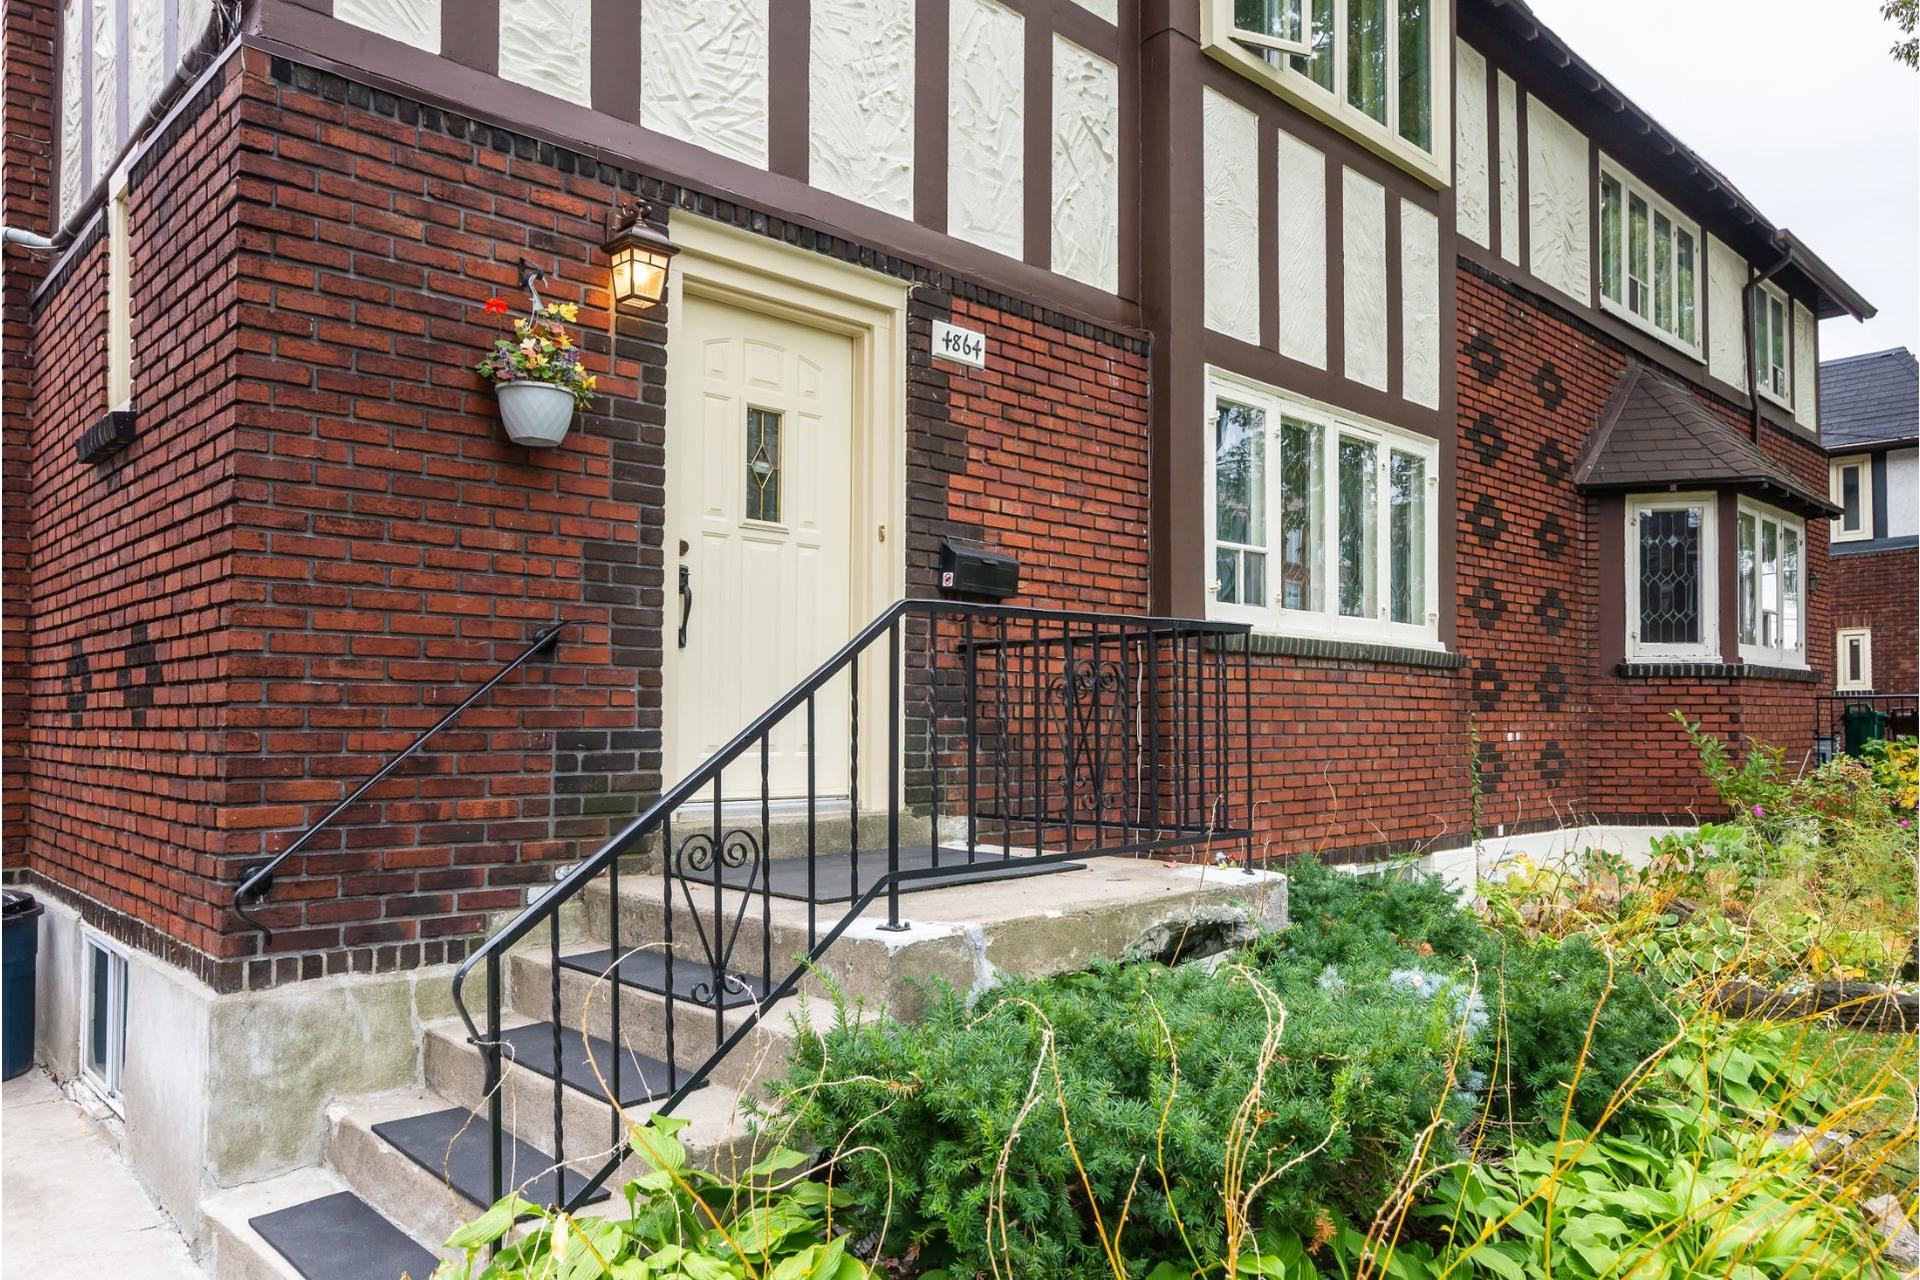 image 29 - Appartement À vendre Côte-des-Neiges/Notre-Dame-de-Grâce Montréal  - 7 pièces